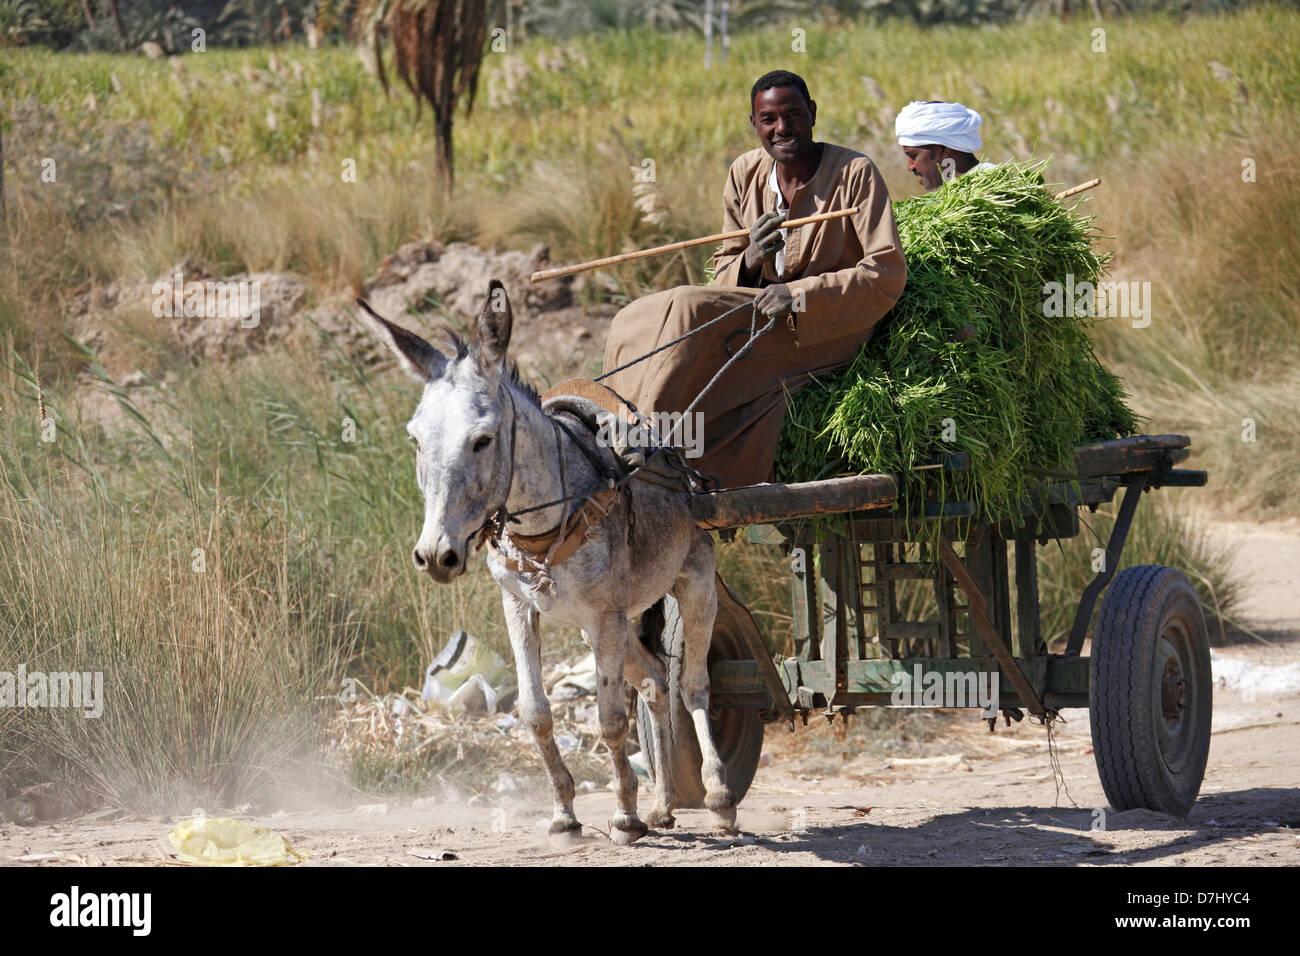 GREY DONKEY & CART WITH GRASS NEAR ASWAN EGYPT 11 January 2013 Stock Photo